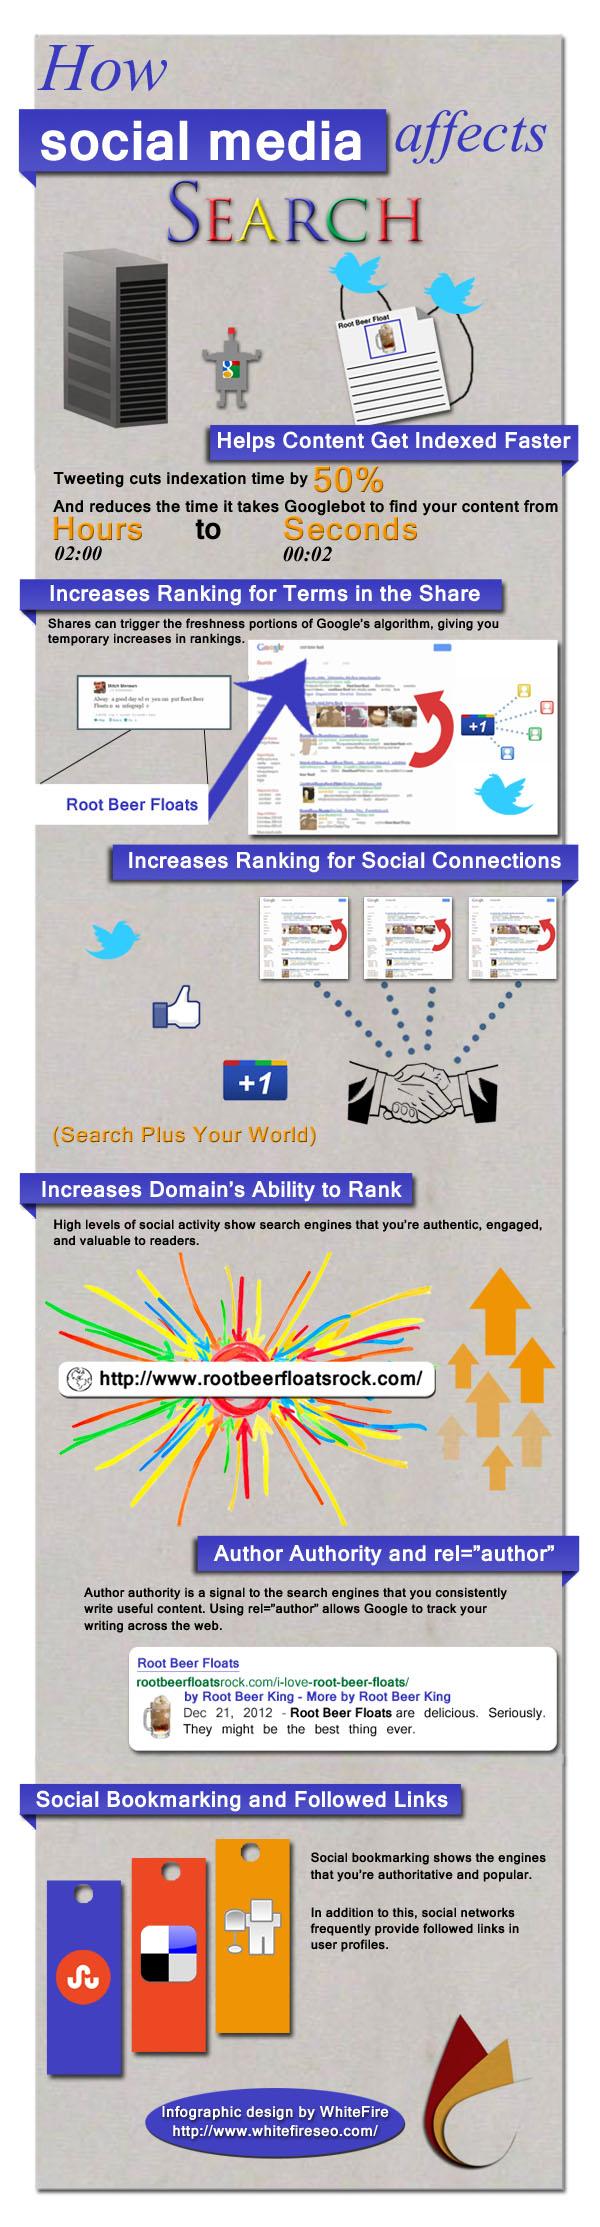 Sosyal Medya Arama Sonuçlarını Nasıl Etkiliyor?